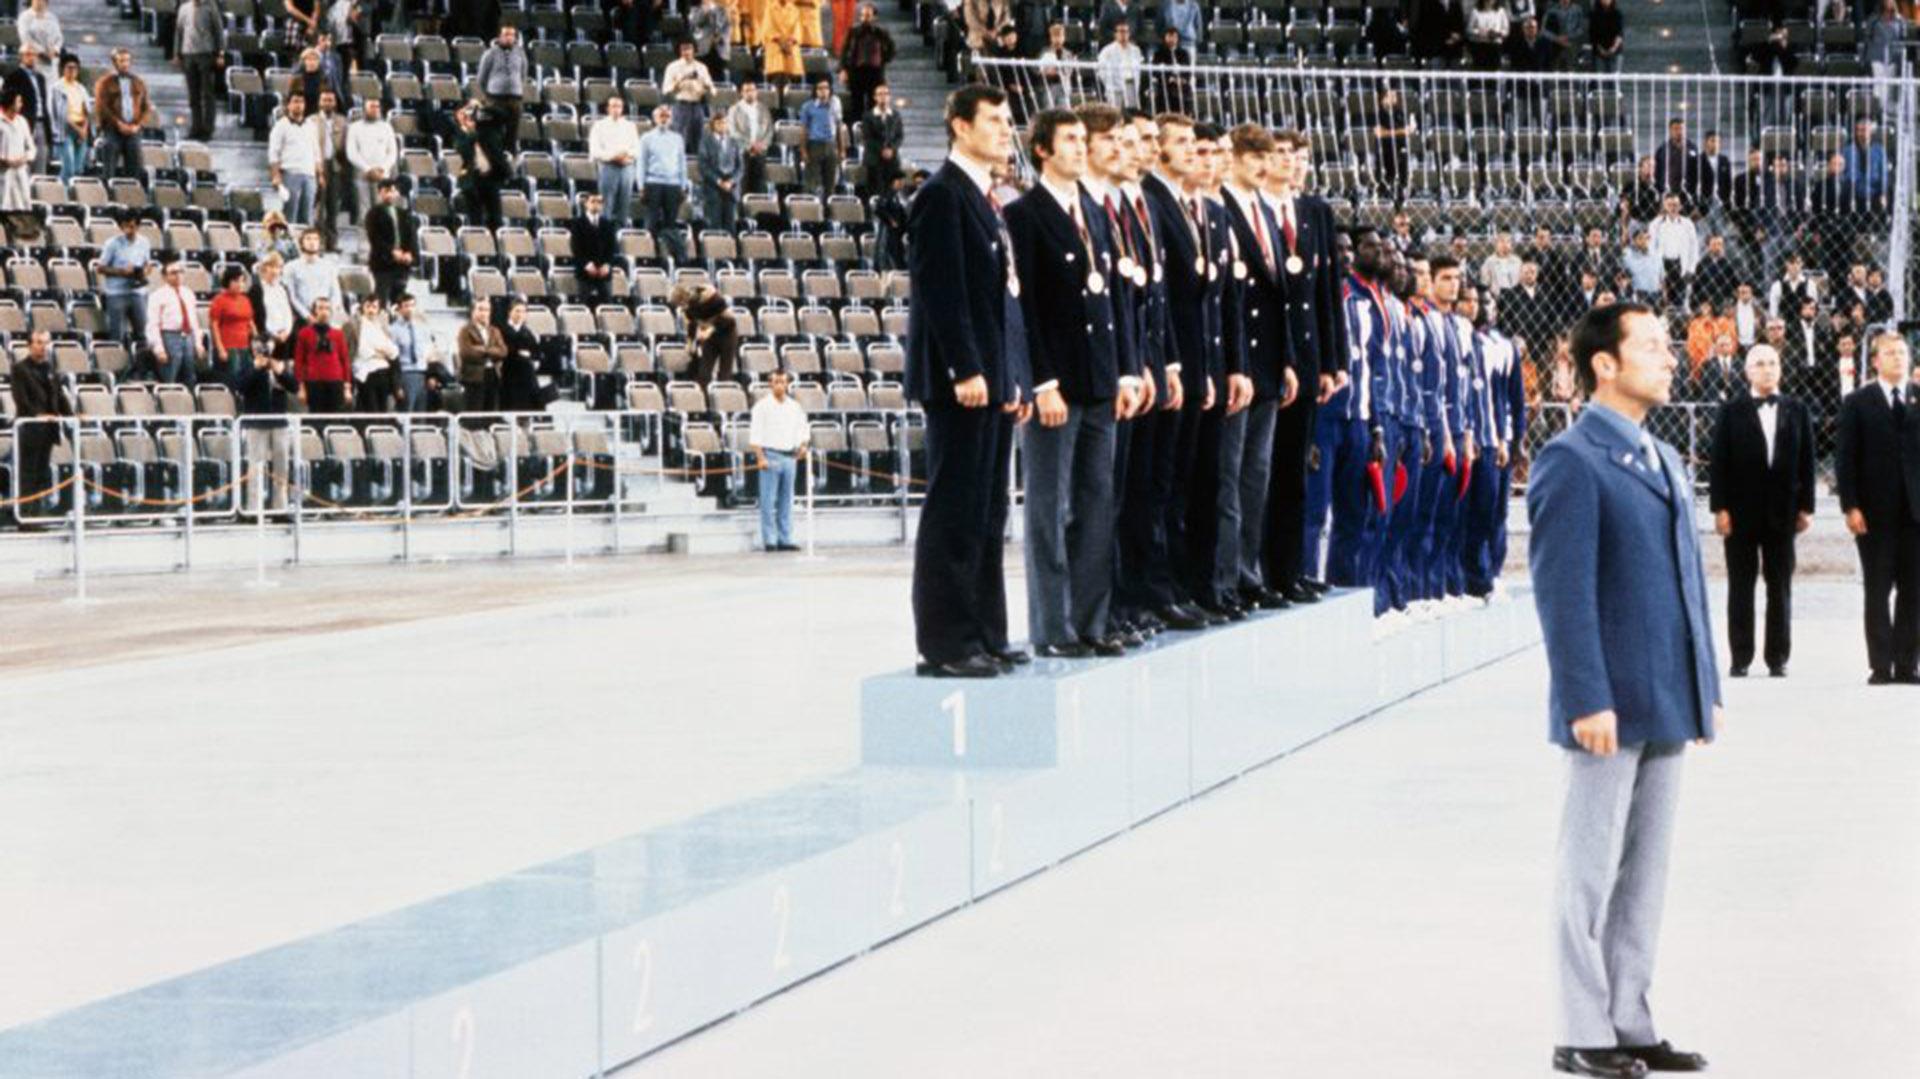 El segundo lugar del podio quedó vacio: Estados Unidos se negó a recibir la medalla de plata tras caer de forma polémica ante la Unión Soviética